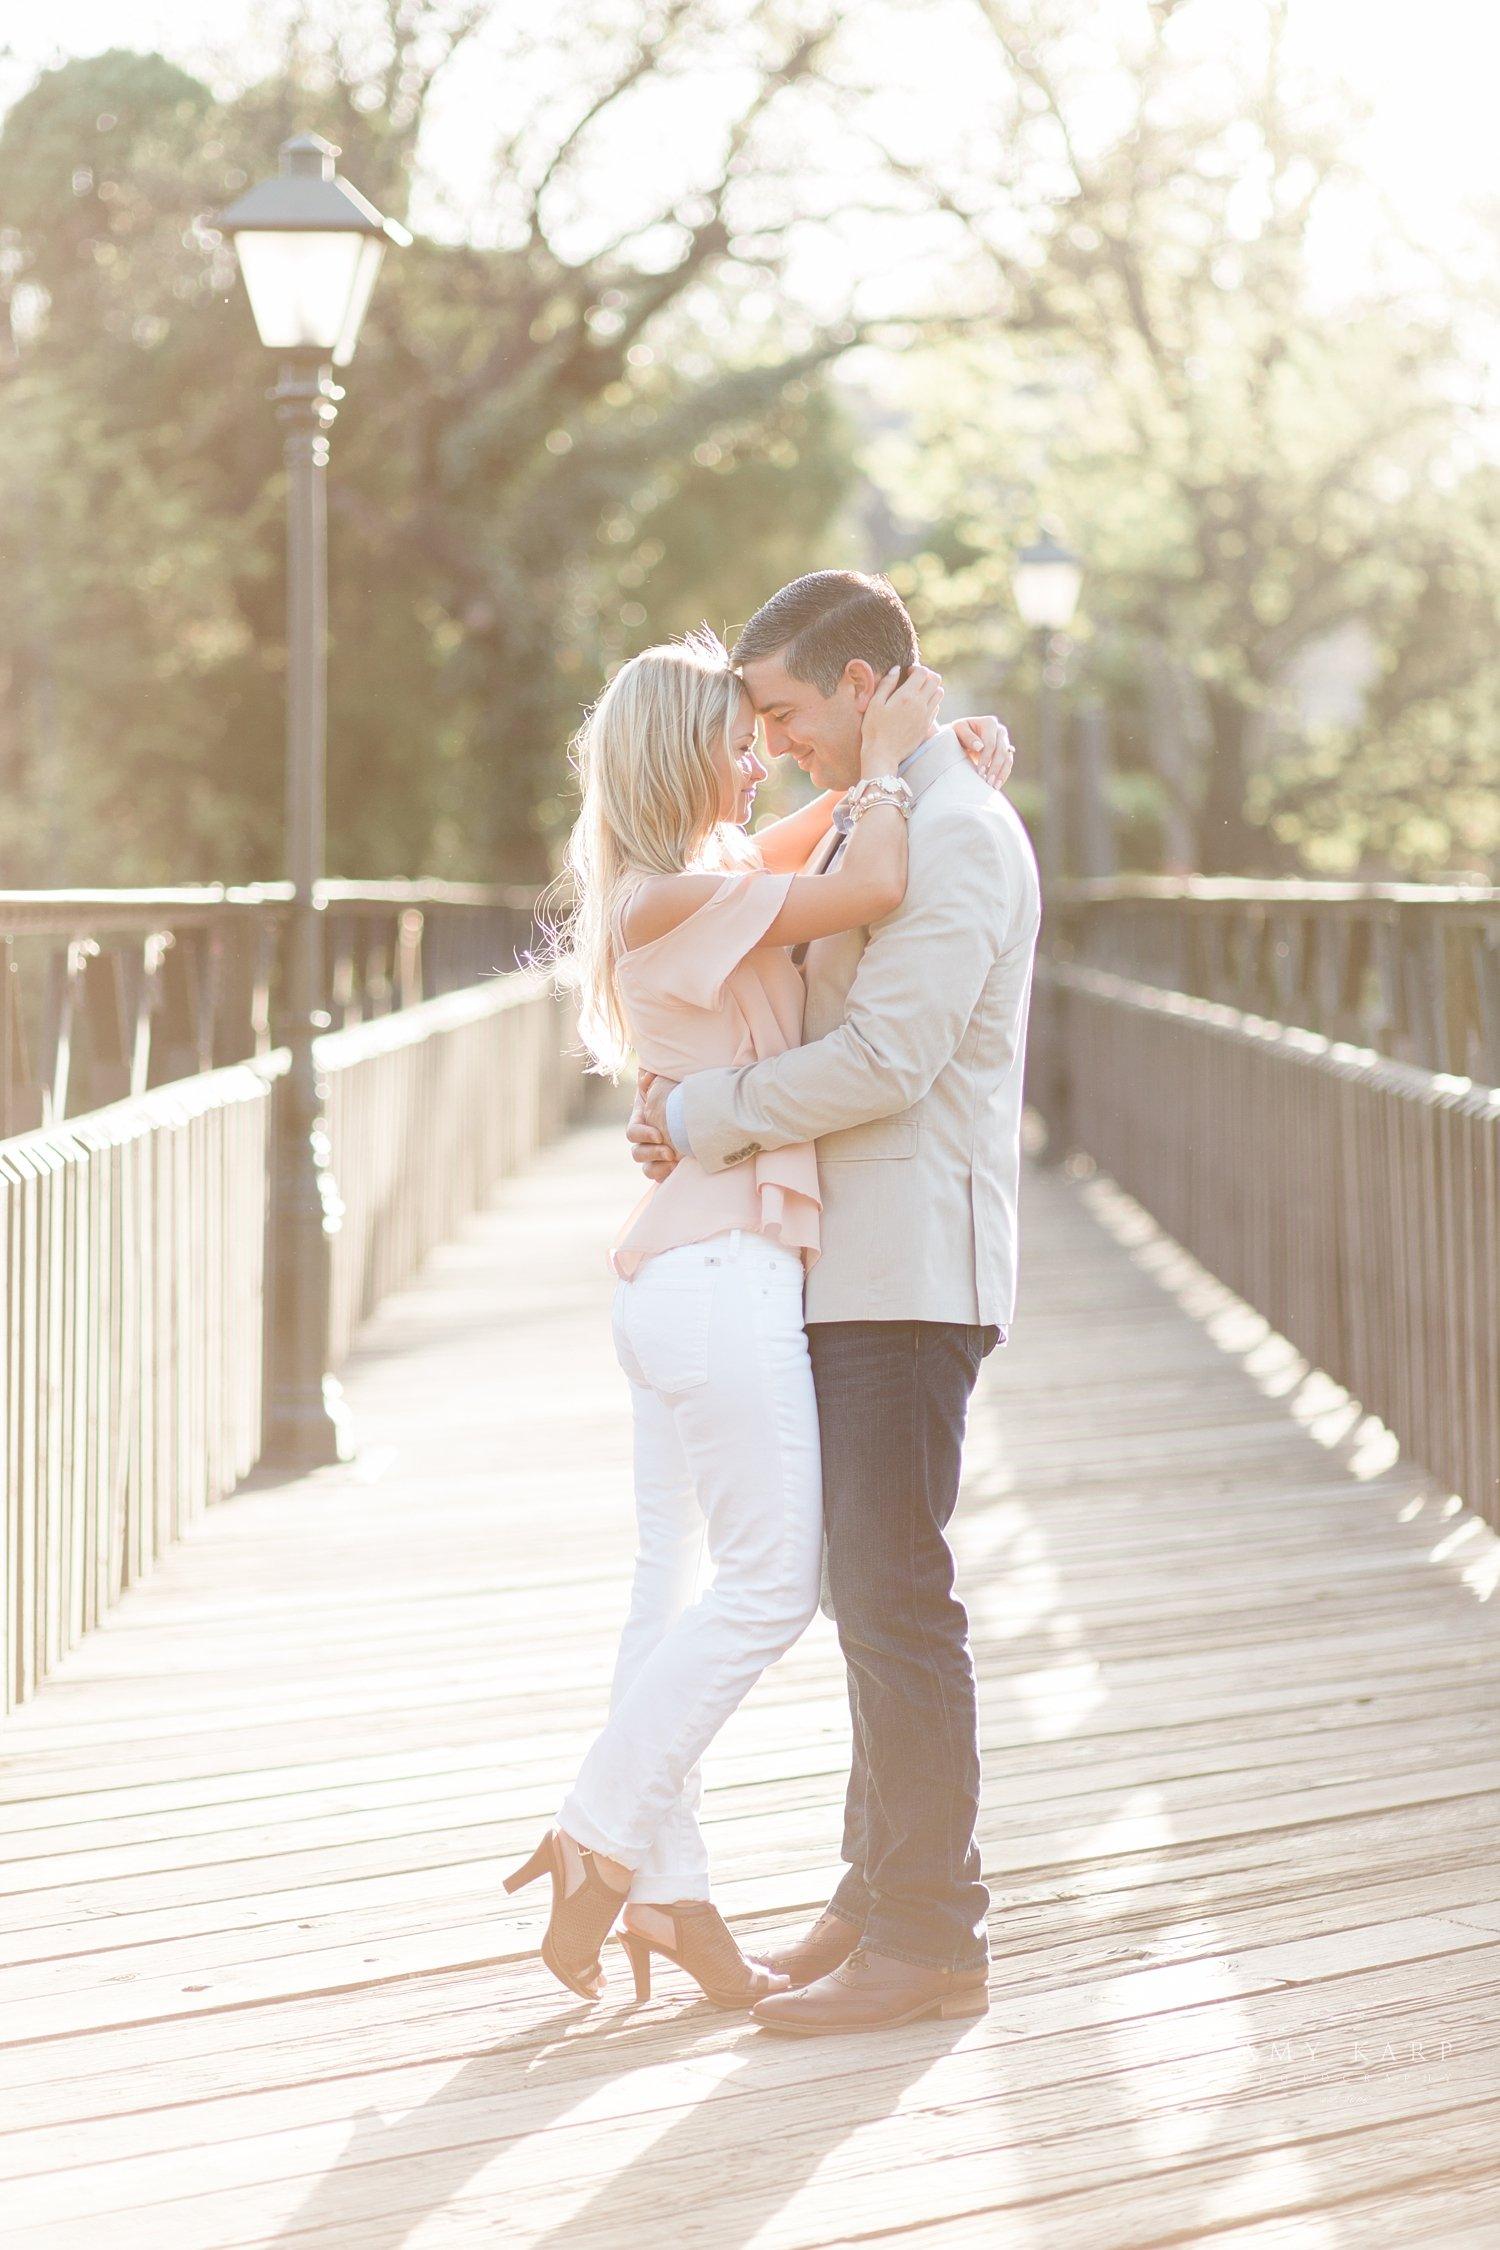 highland-park-wedding-photographer-dallas-stephanie-aaron-20